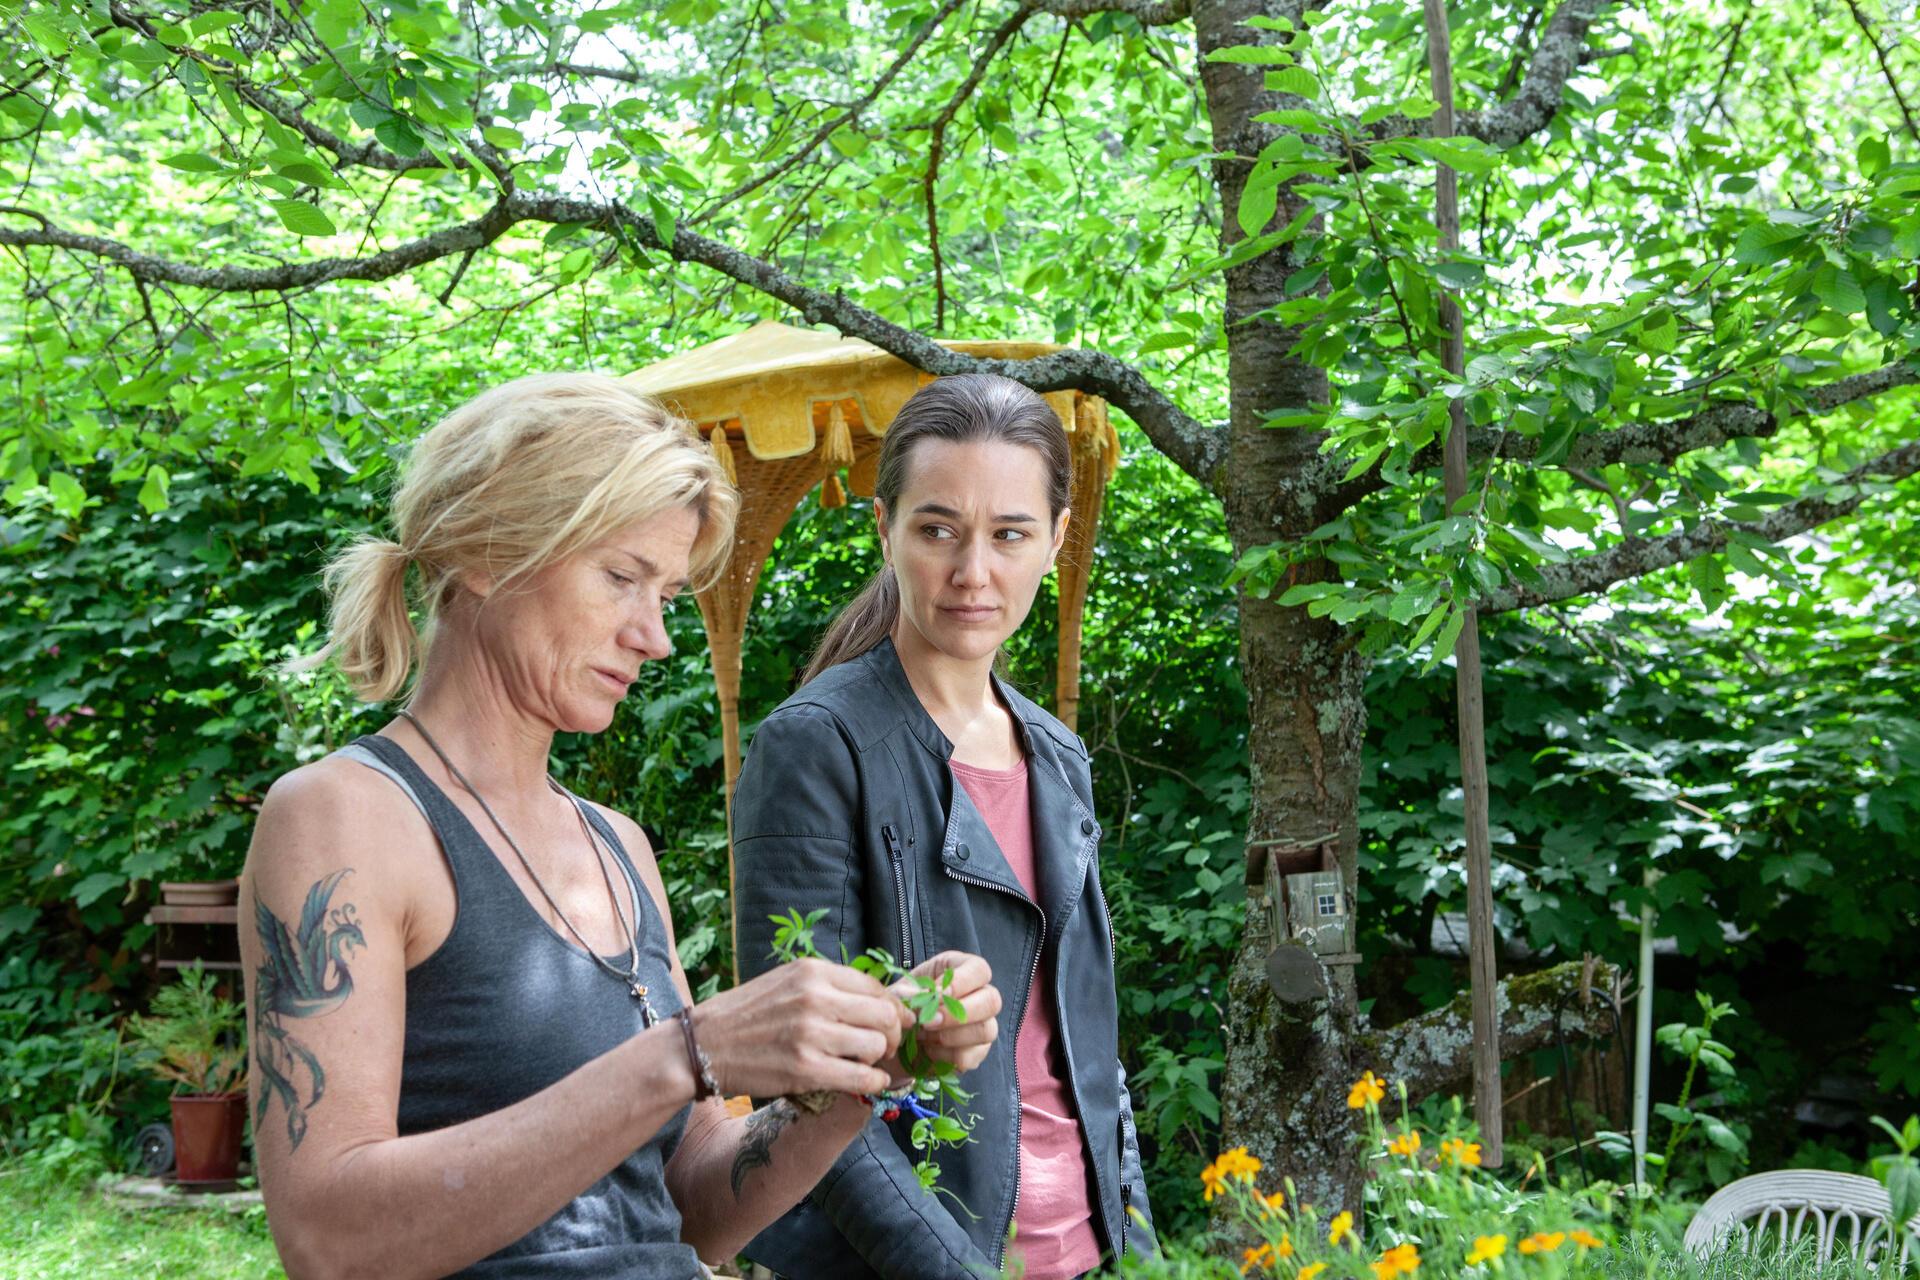 Astrid M. Fünderich | Bild 1 von 1 | Moviepilot.de